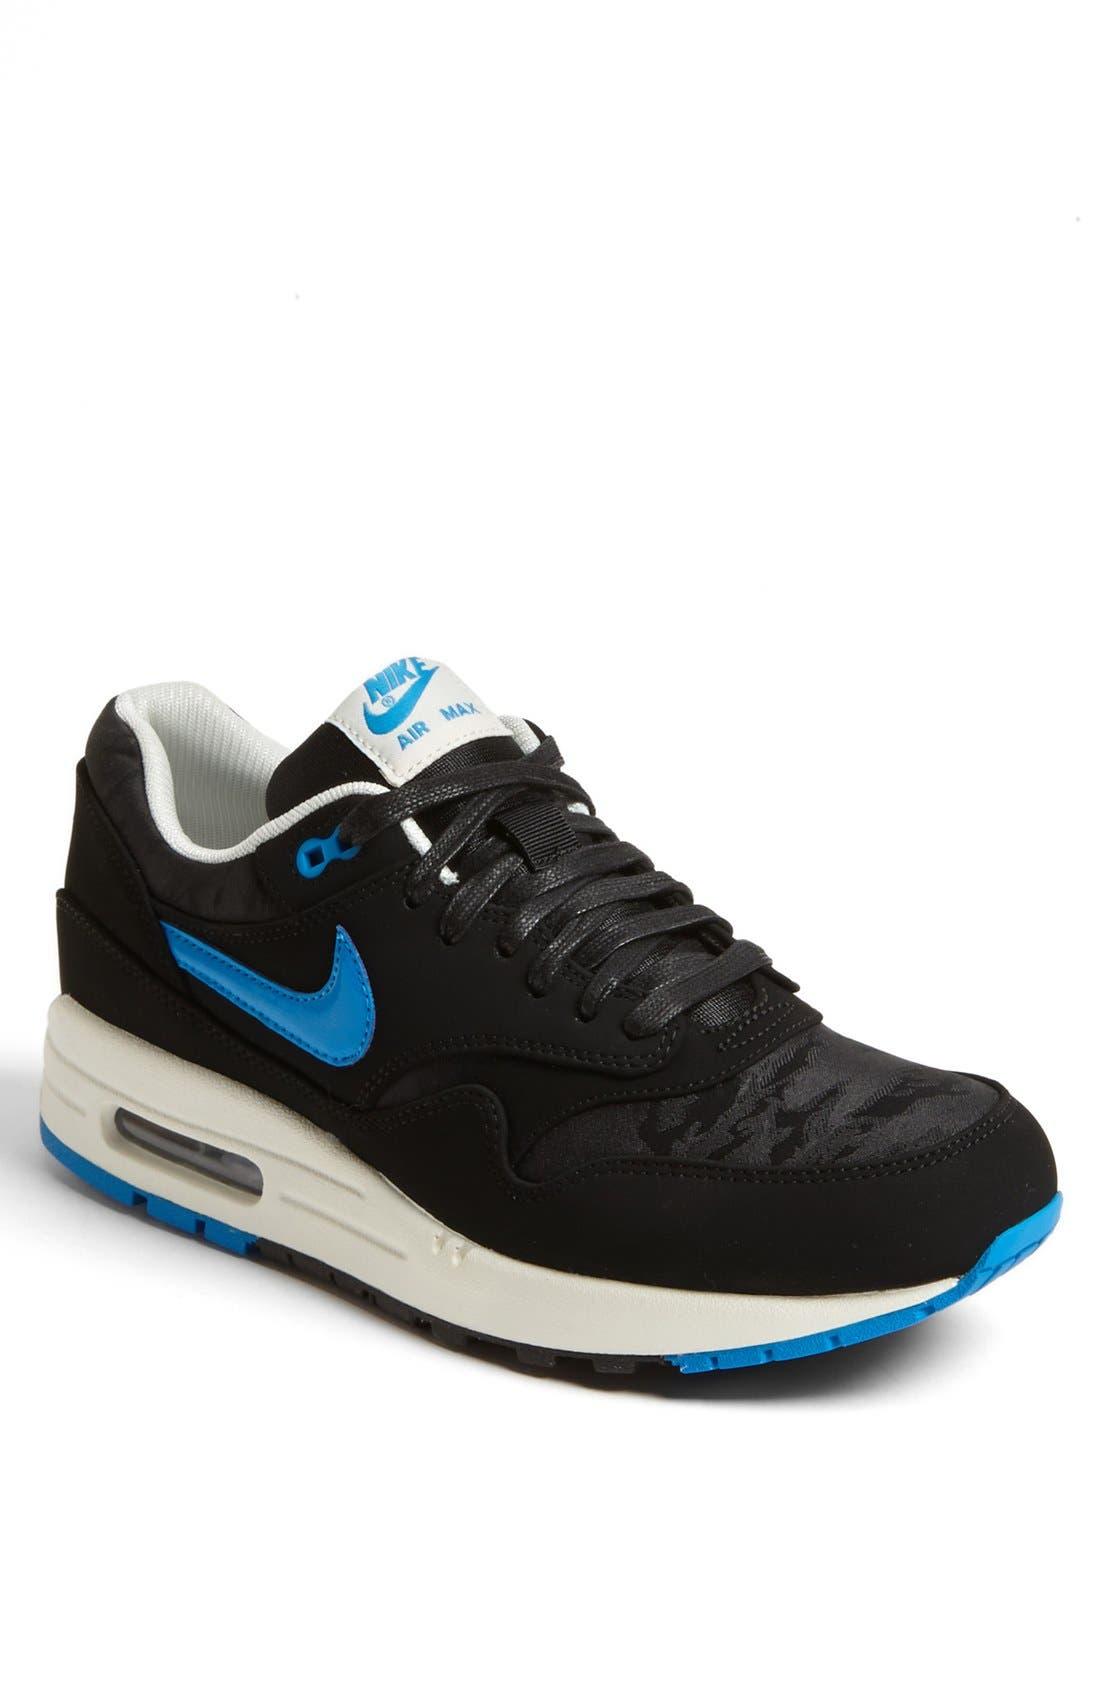 Alternate Image 1 Selected - Nike 'Air Max 1 Premium' Sneaker (Men)